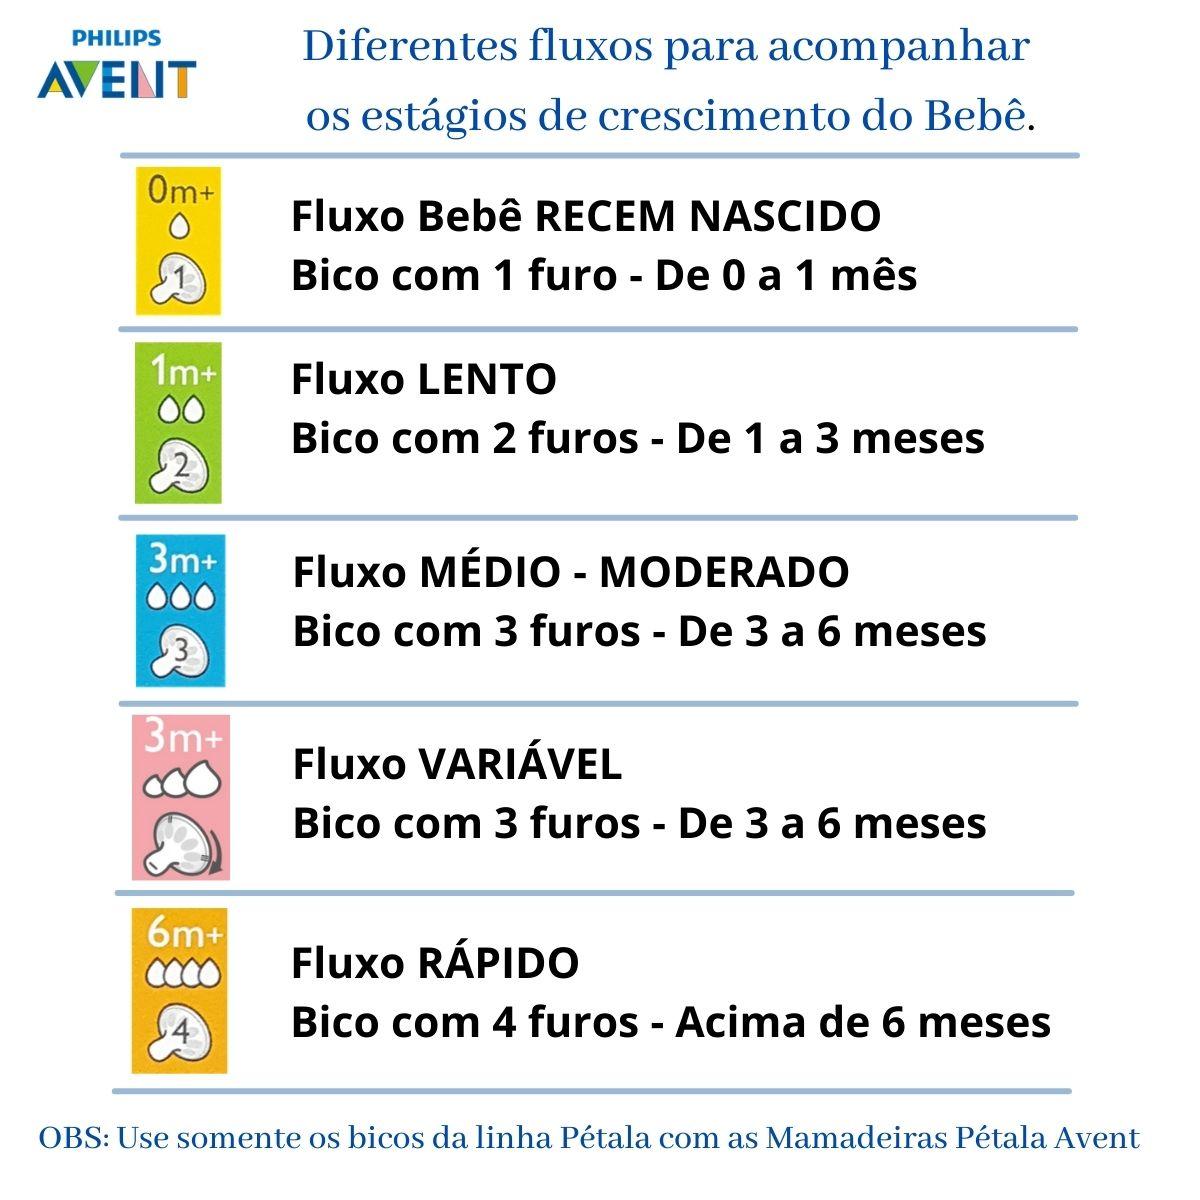 Bico Pétala N.4 6m+ Fluxo Rápido Mamadeira Avent- 2 Un